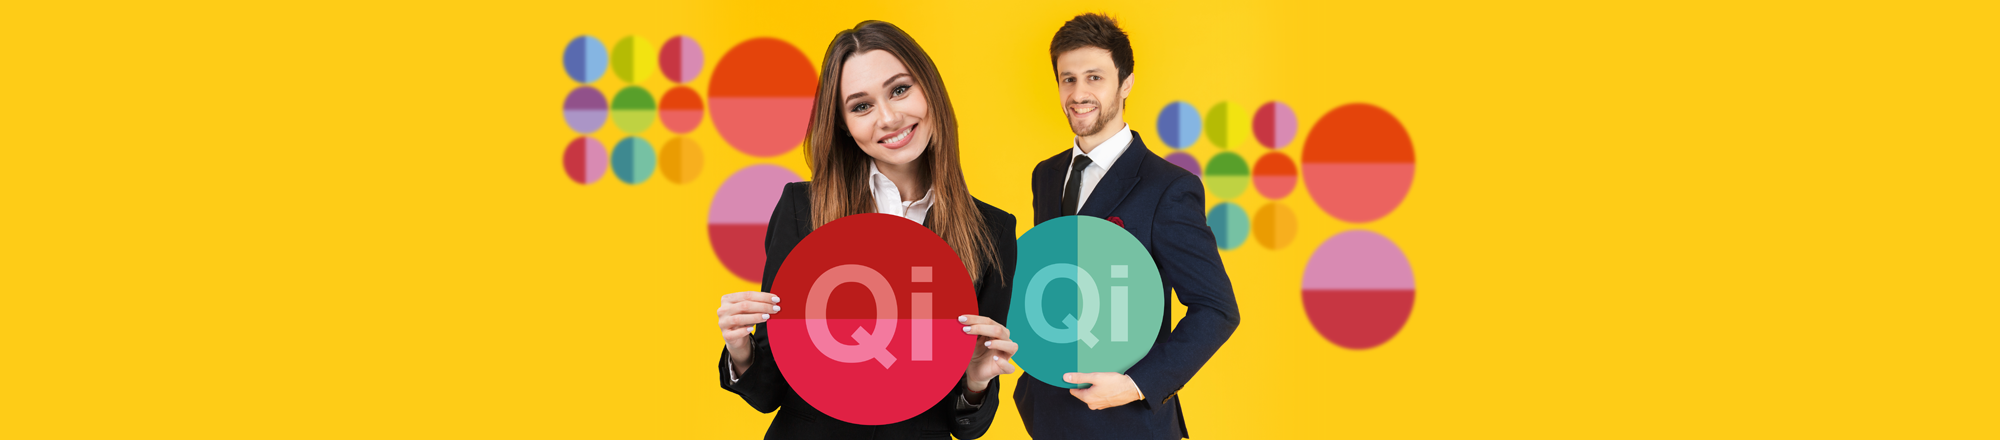 Qi finance business